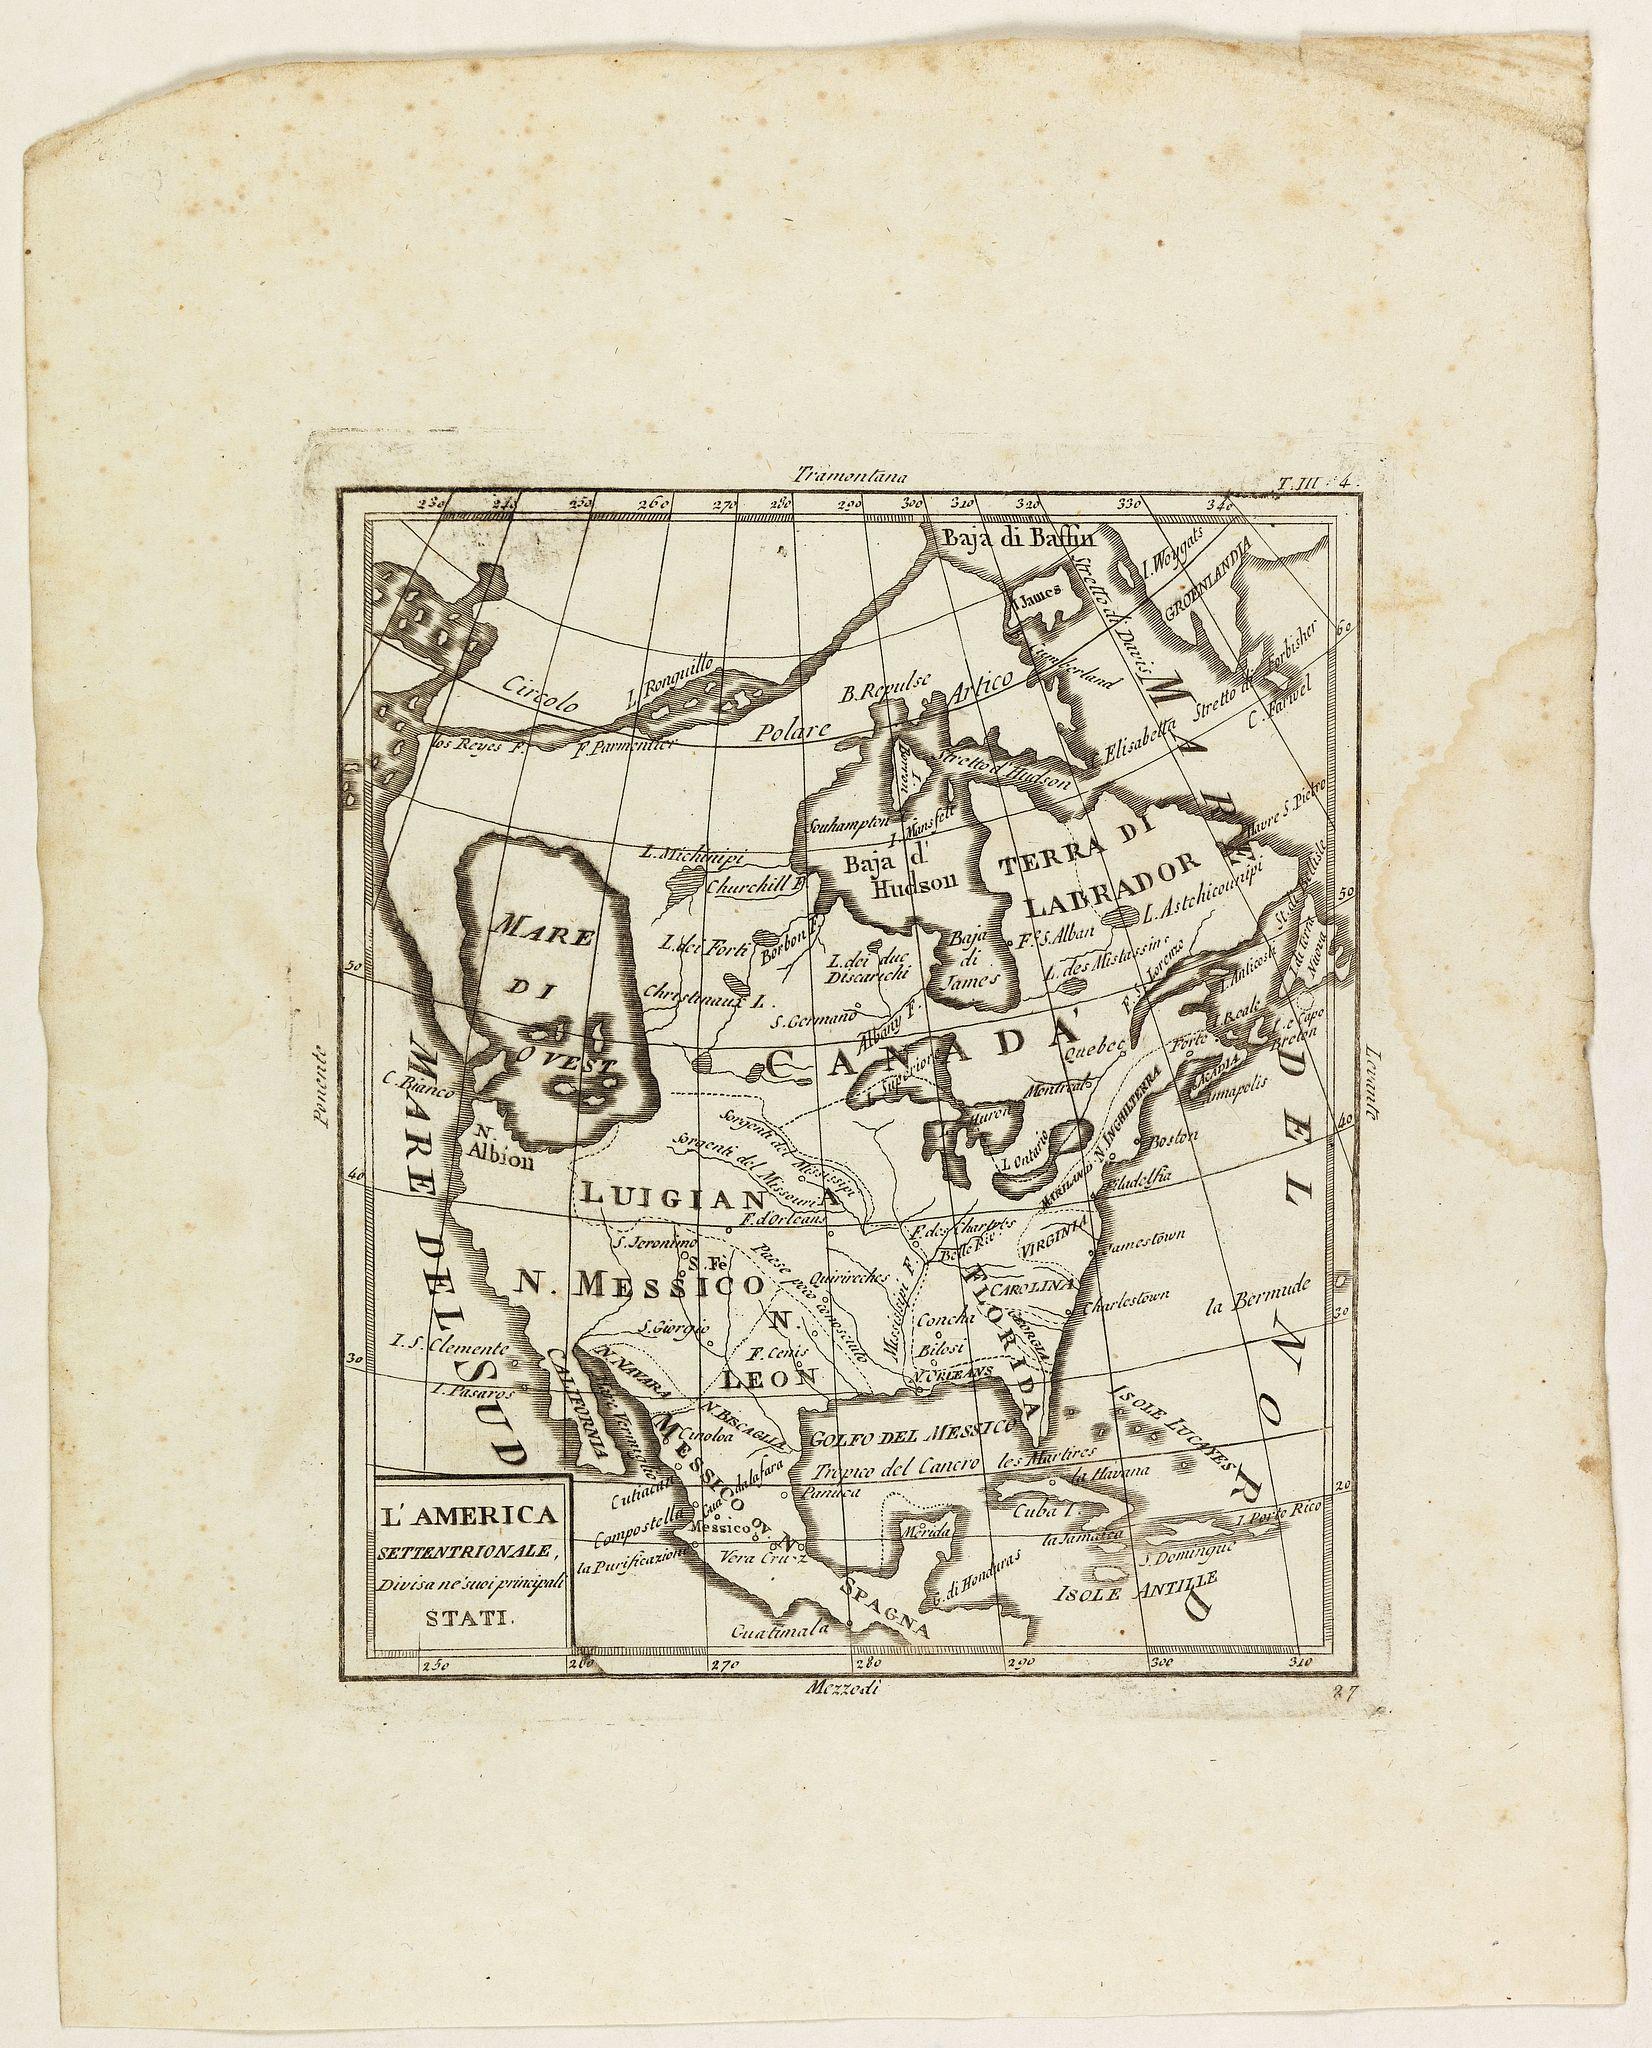 ZEMPEL, G. -  L'America settentrionale divisa ne' suoi principali stati.